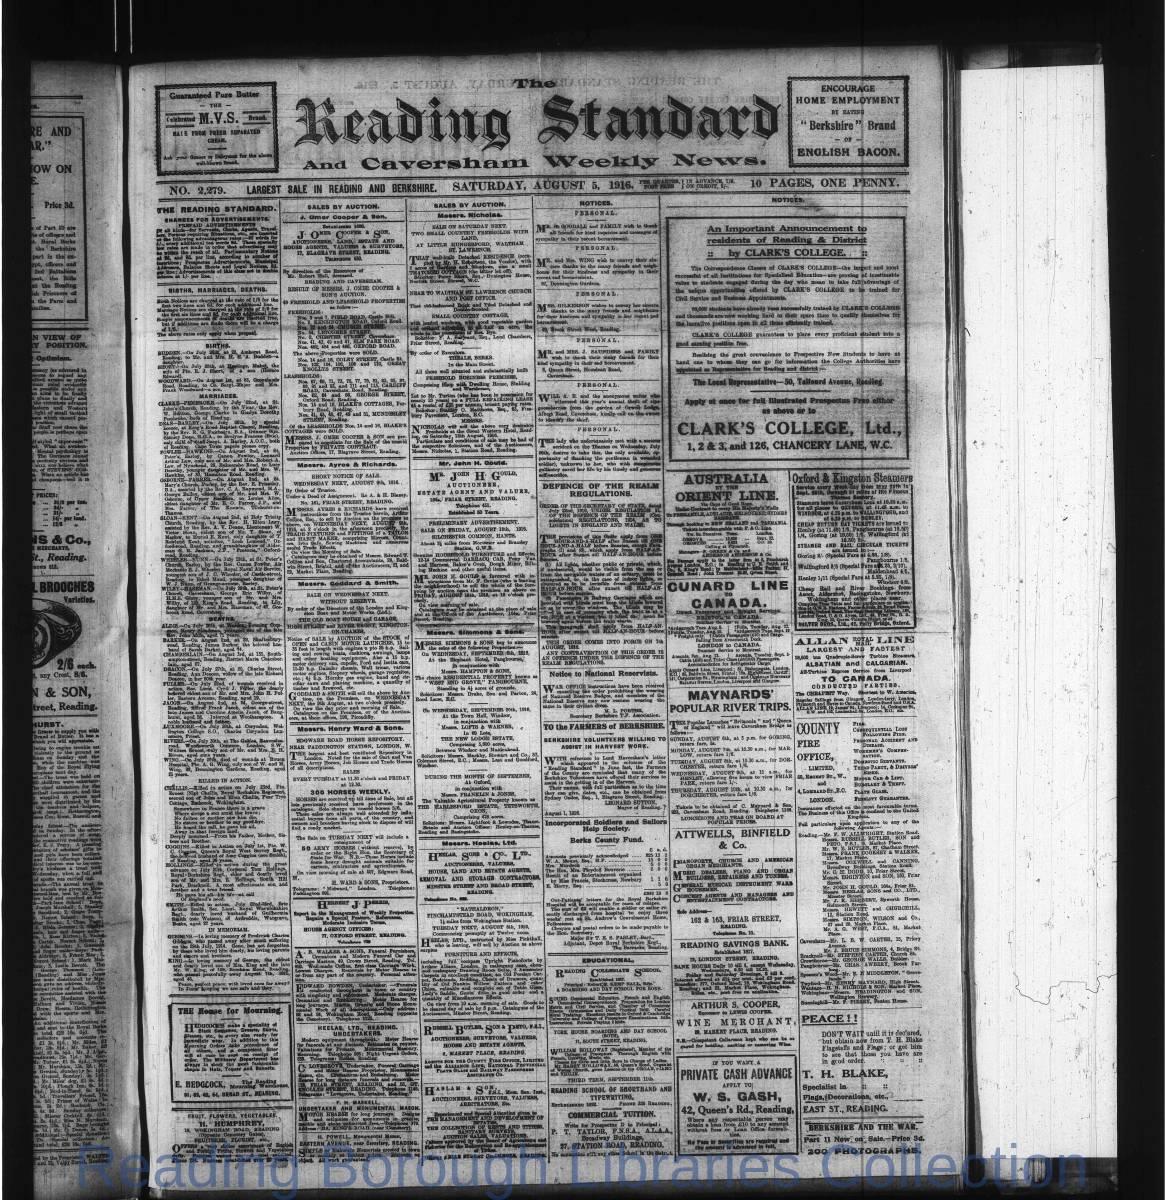 Reading Standard Etc_05-08-1916_00002.jpg